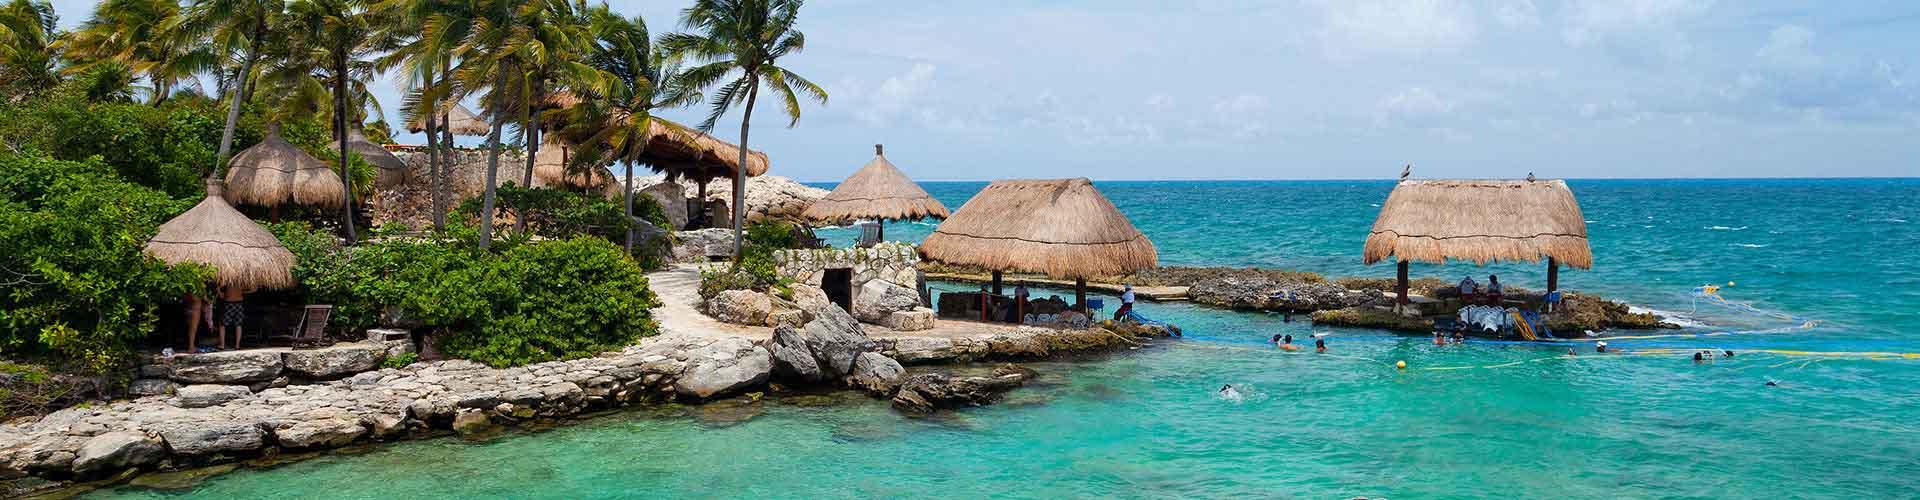 Cancun - Ifjúsági Szállások Cancunben. Cancun térképek, fotók és ajánlások minden egyes ifjúsági szállásokra Cancun-ben.